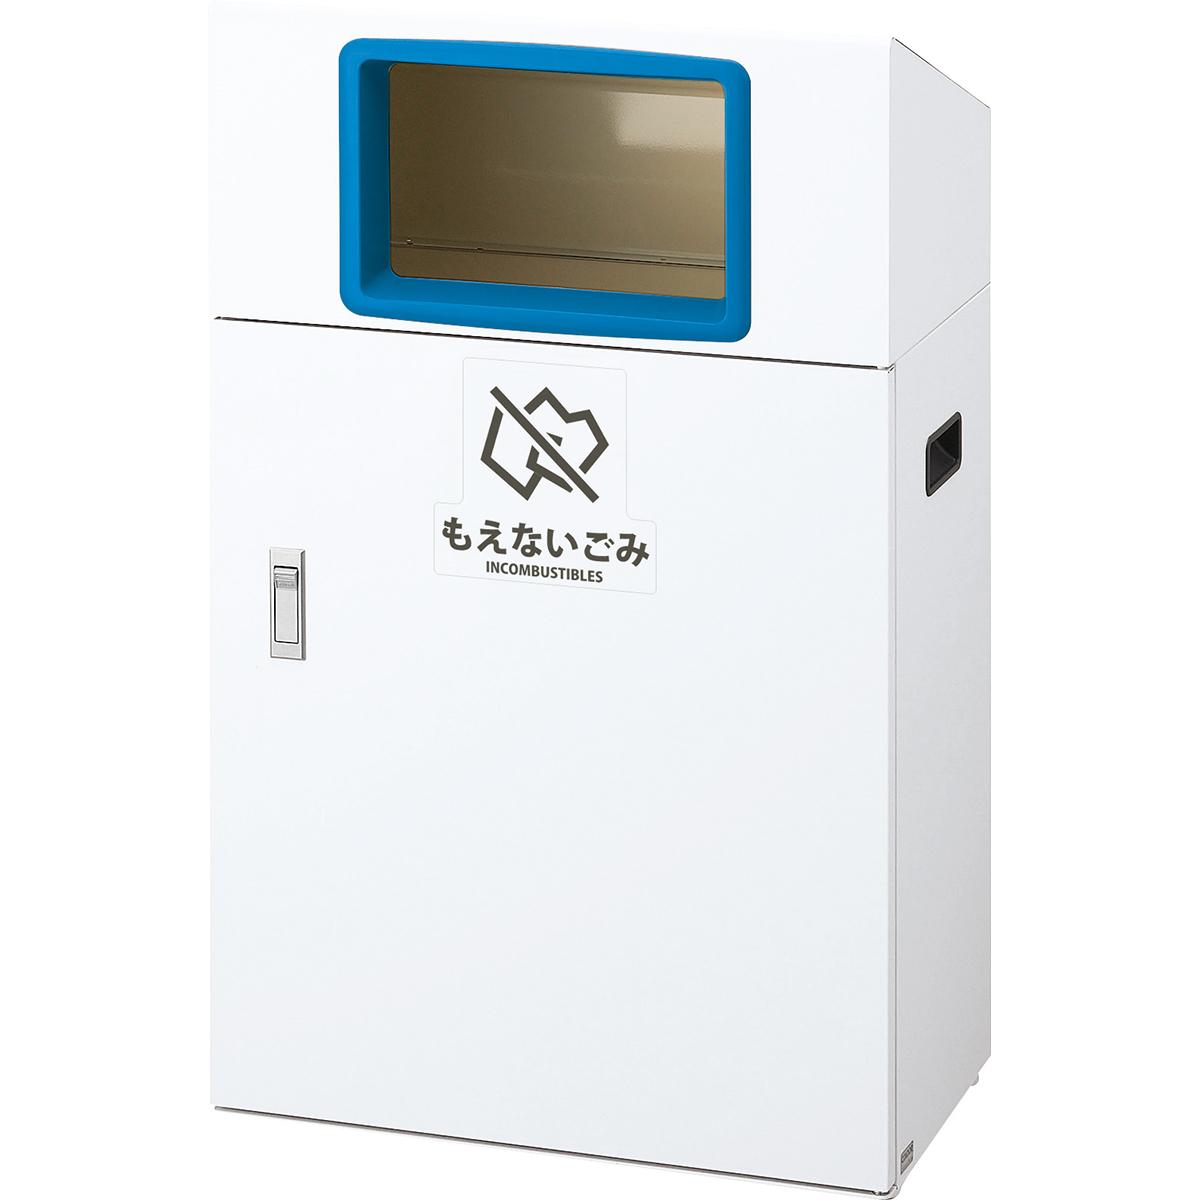 山崎産業 リサイクルボックス YO-50 50L もえないゴミ/BL(青) (代引不可) YW-399L-ID